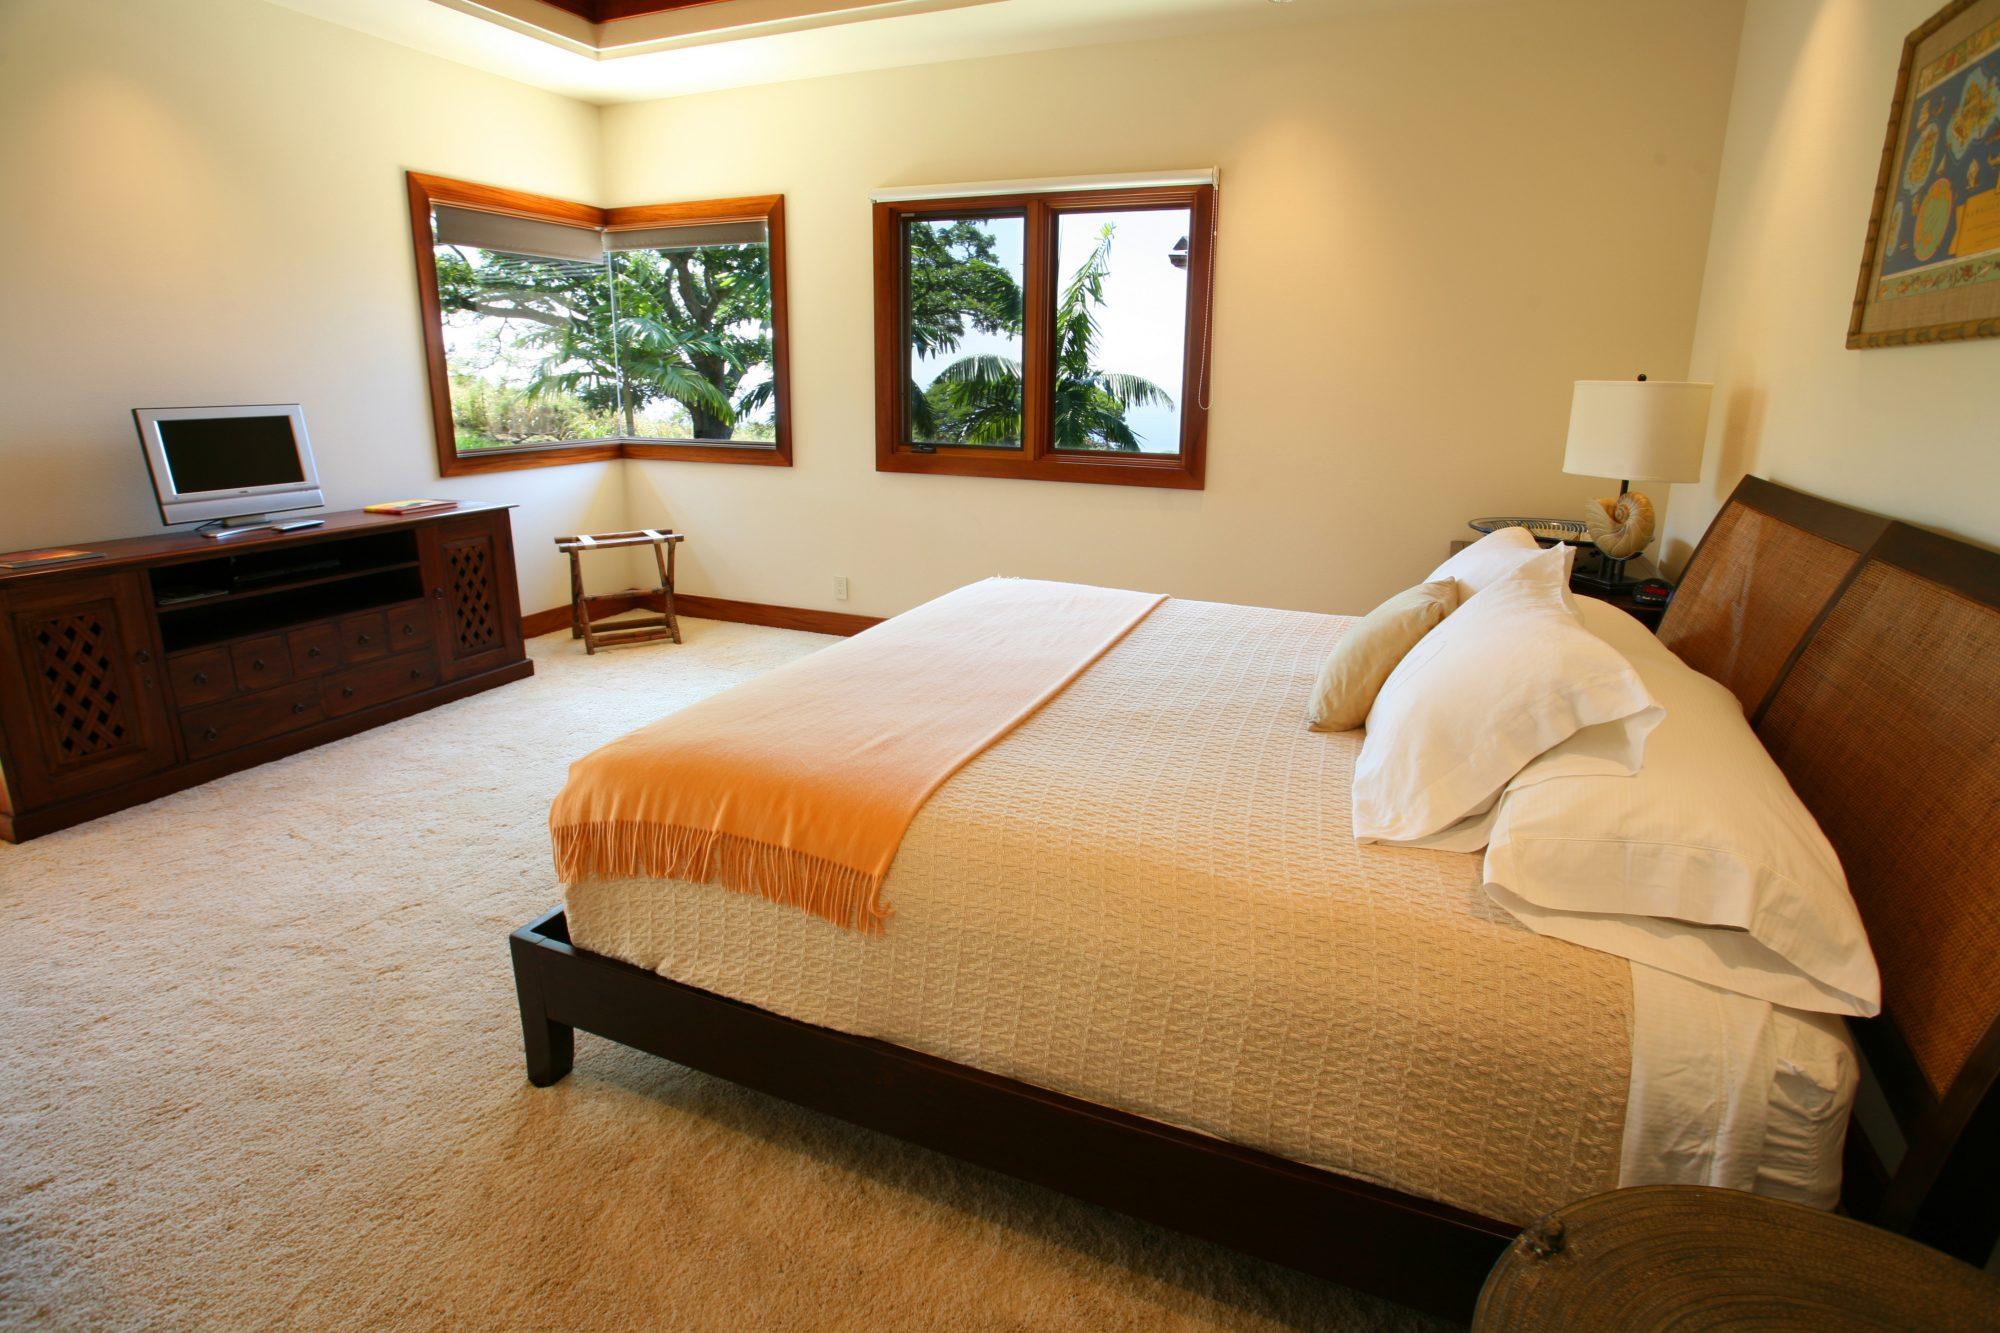 The Auamo Compound, Guest Suite 1